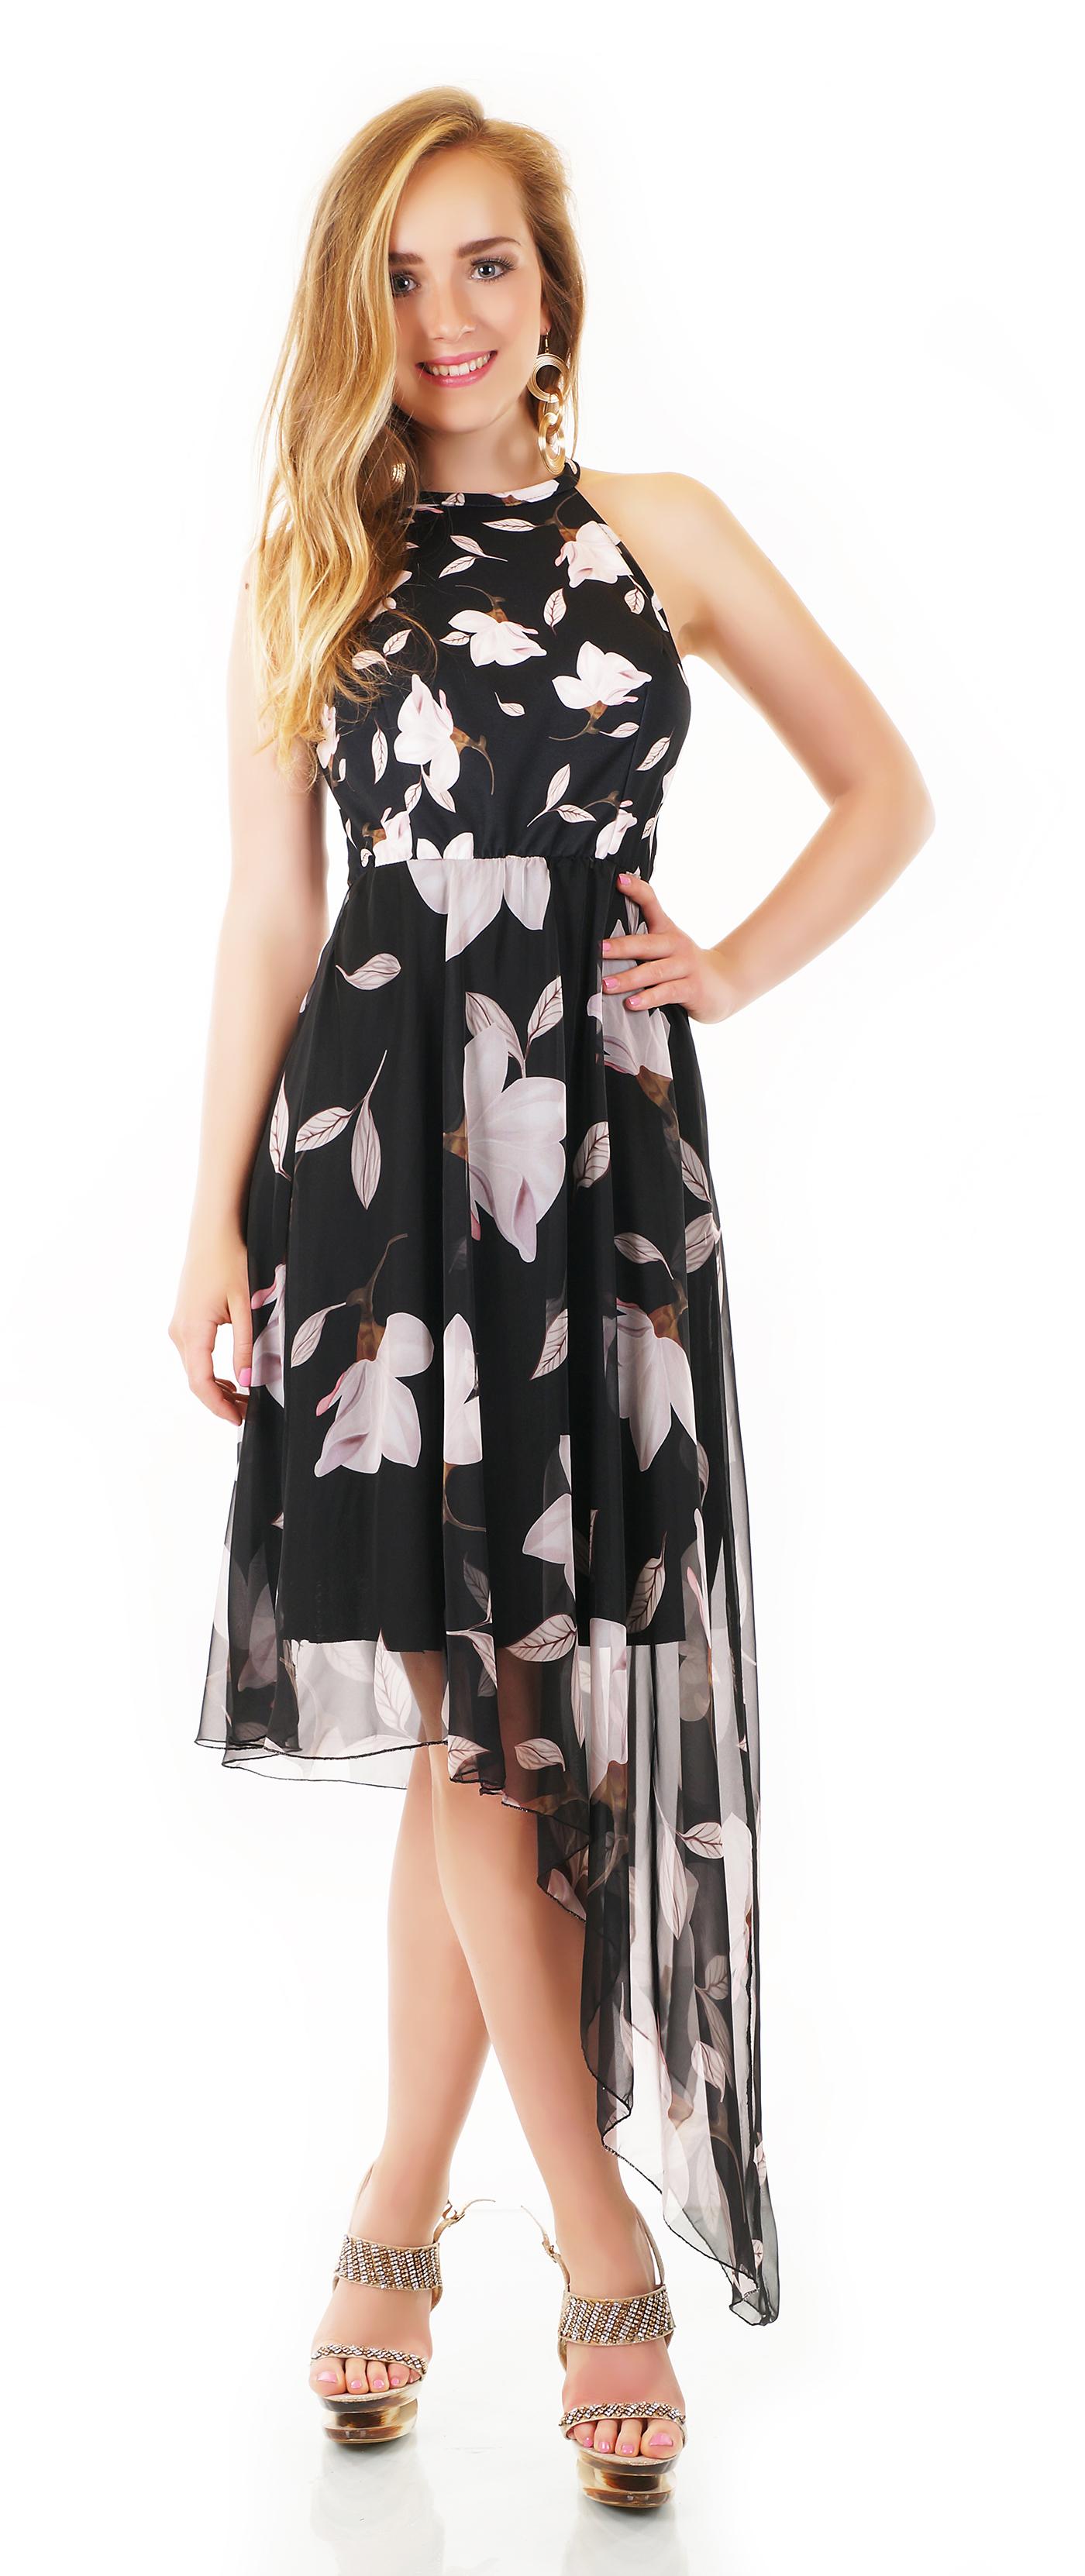 trendstylez - asymetrisches vokuhila-kleid mit blüten-prints